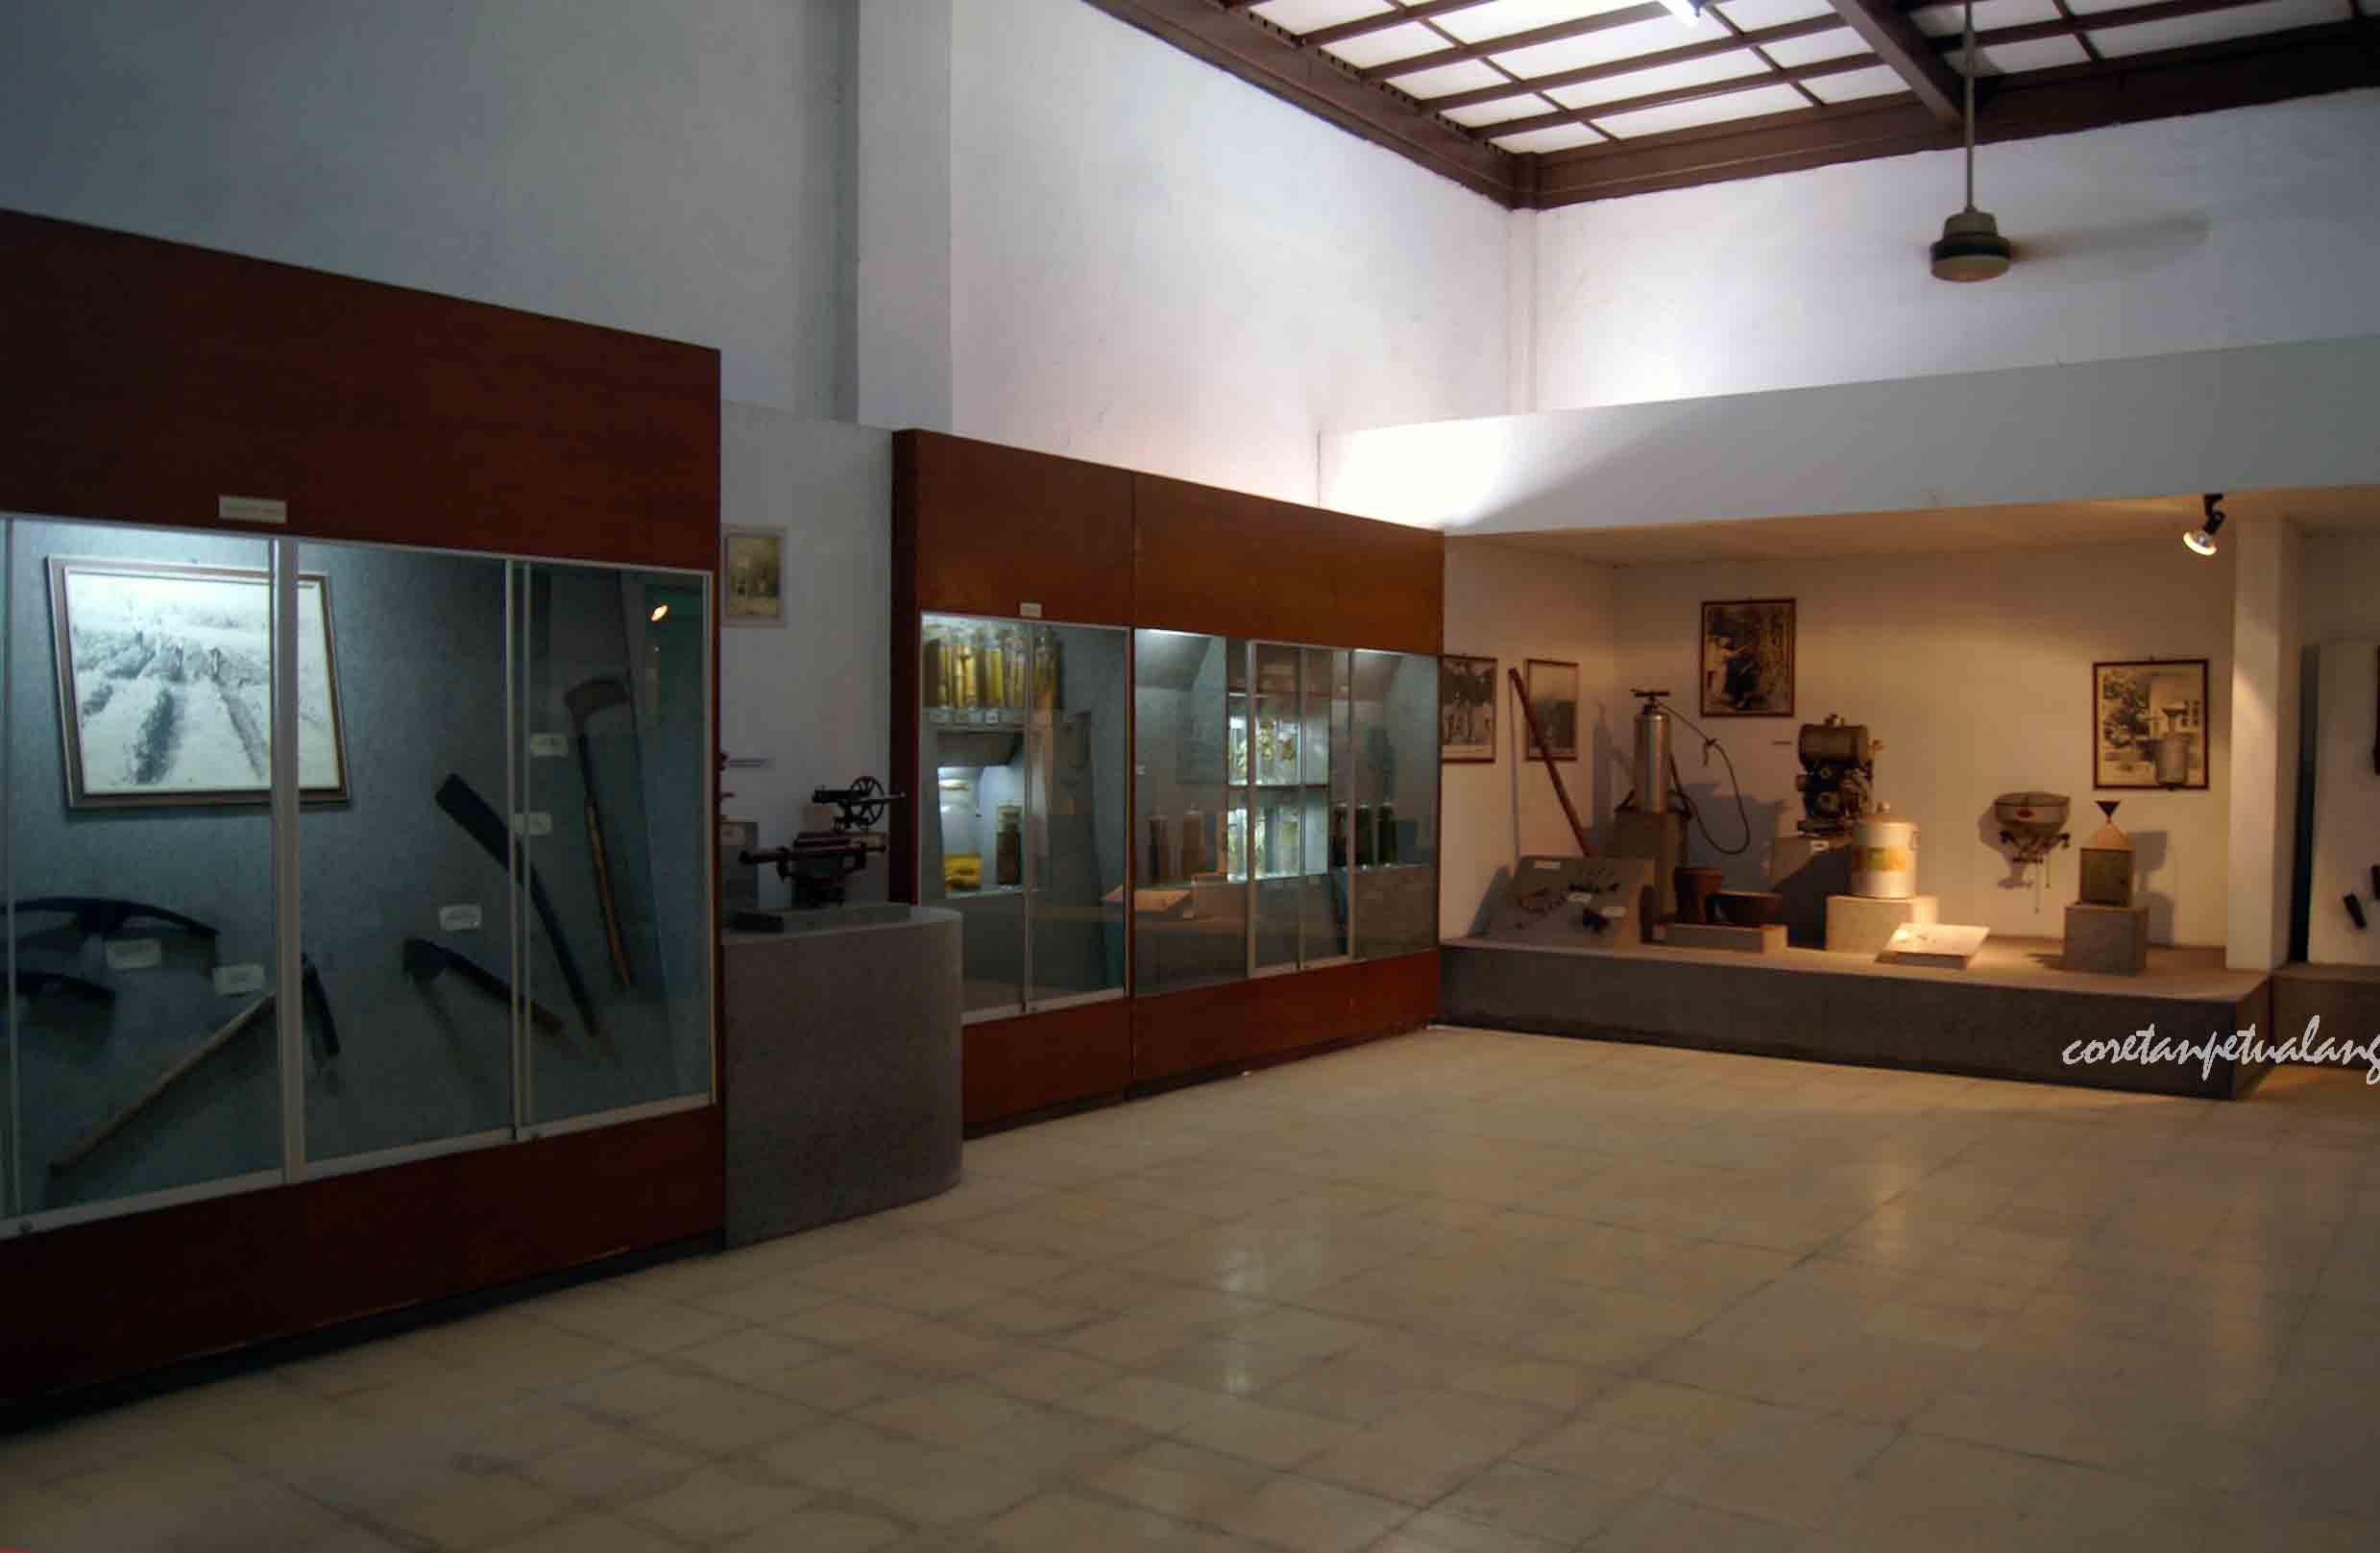 Kompleks Sejarah Pabrik Gula Gondang Winangoen Klaten 10